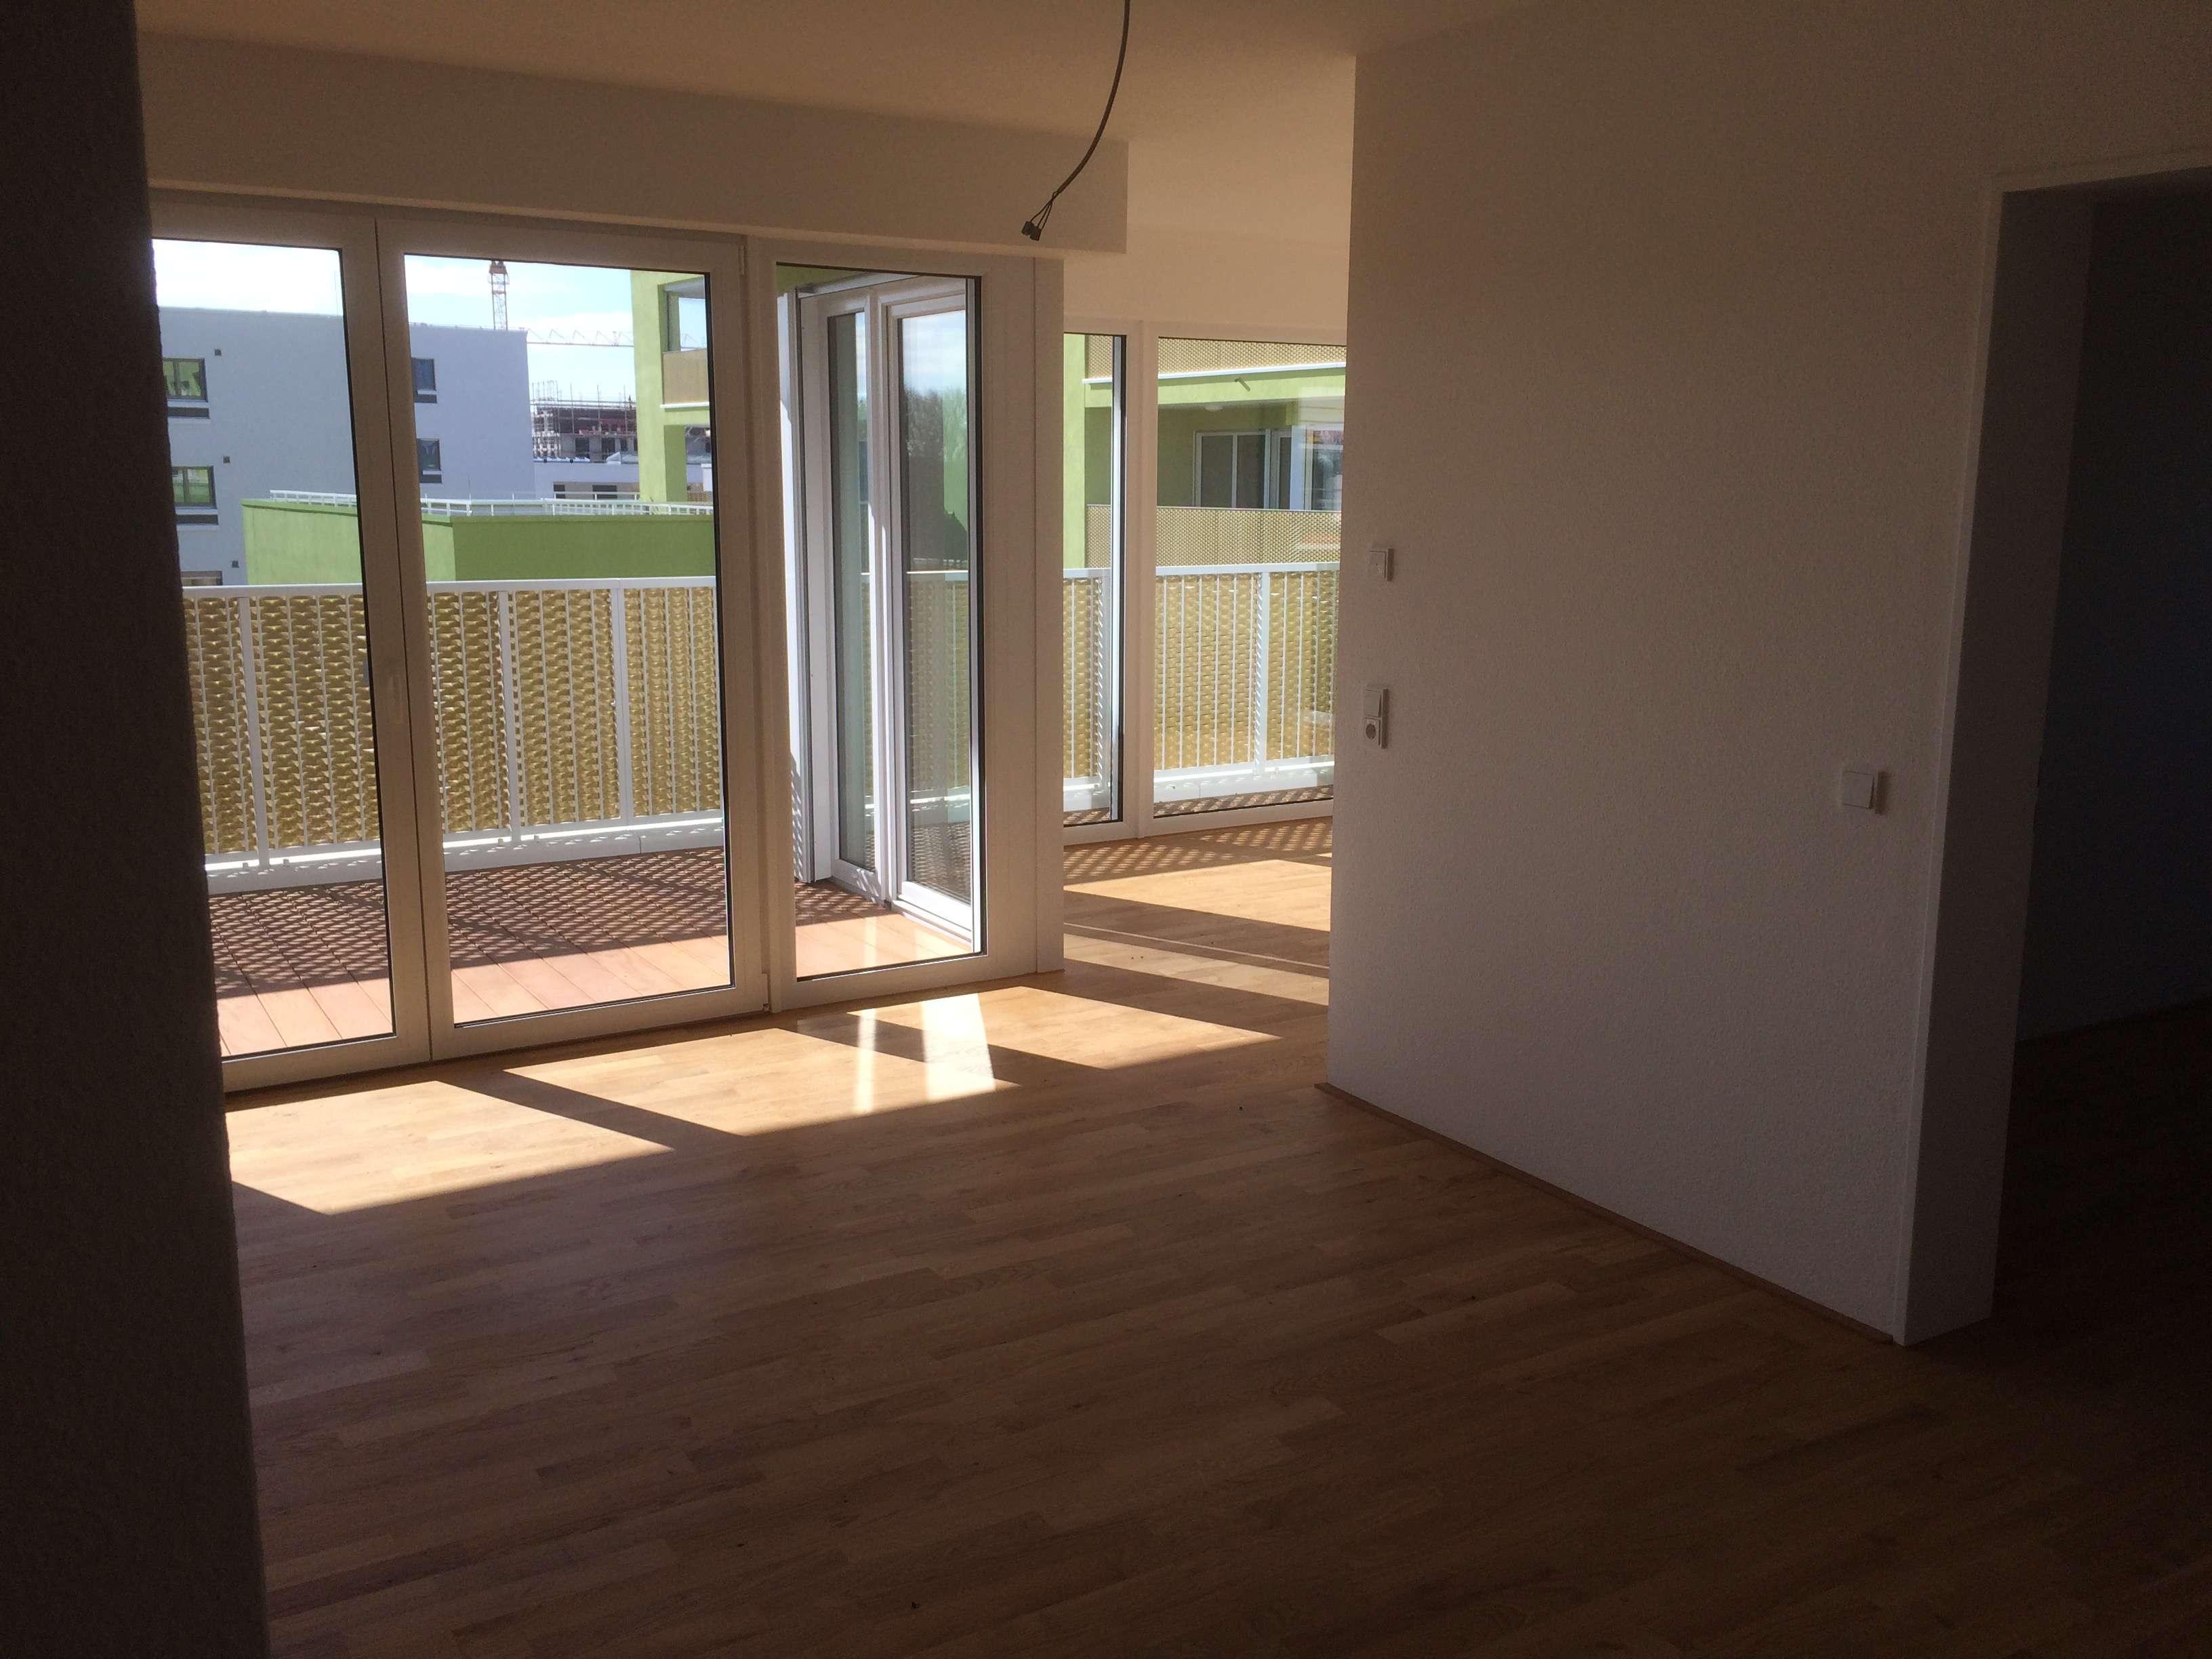 Sehr schöne 4-Zimmer-Wohnung mit Balkon und Marken-EBK in Neu-Ulm